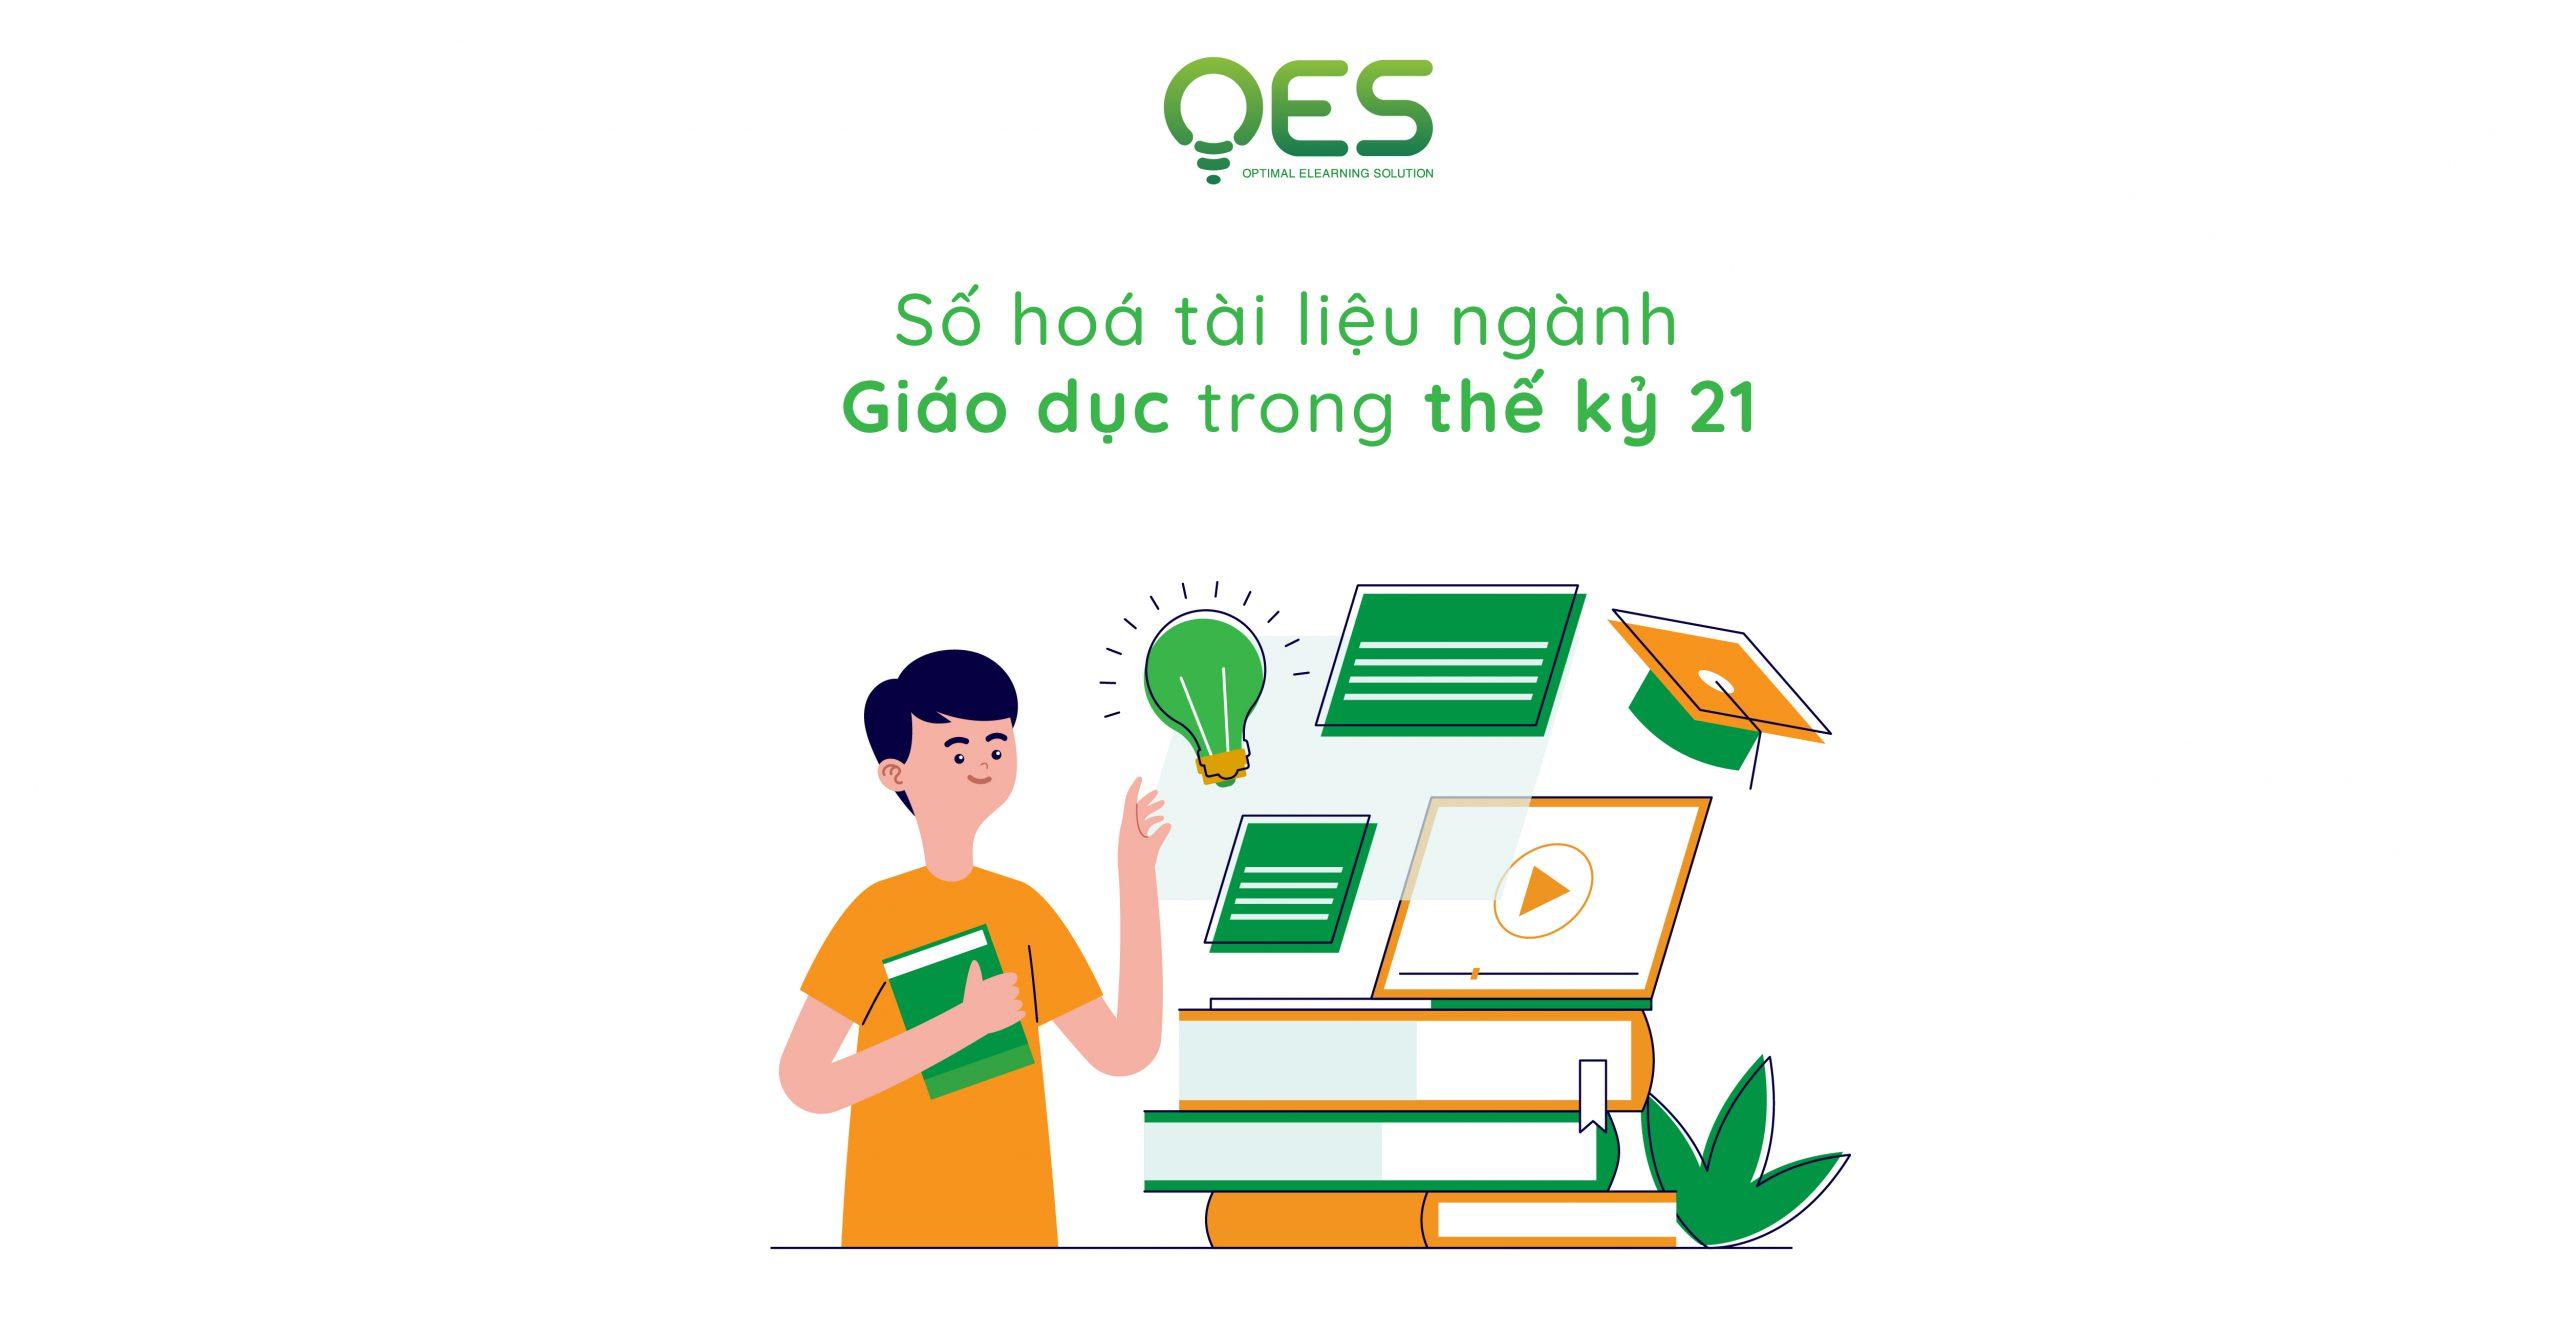 so-hoa-tai-lieu-nganh-giao-duc-trong-the-ky-21